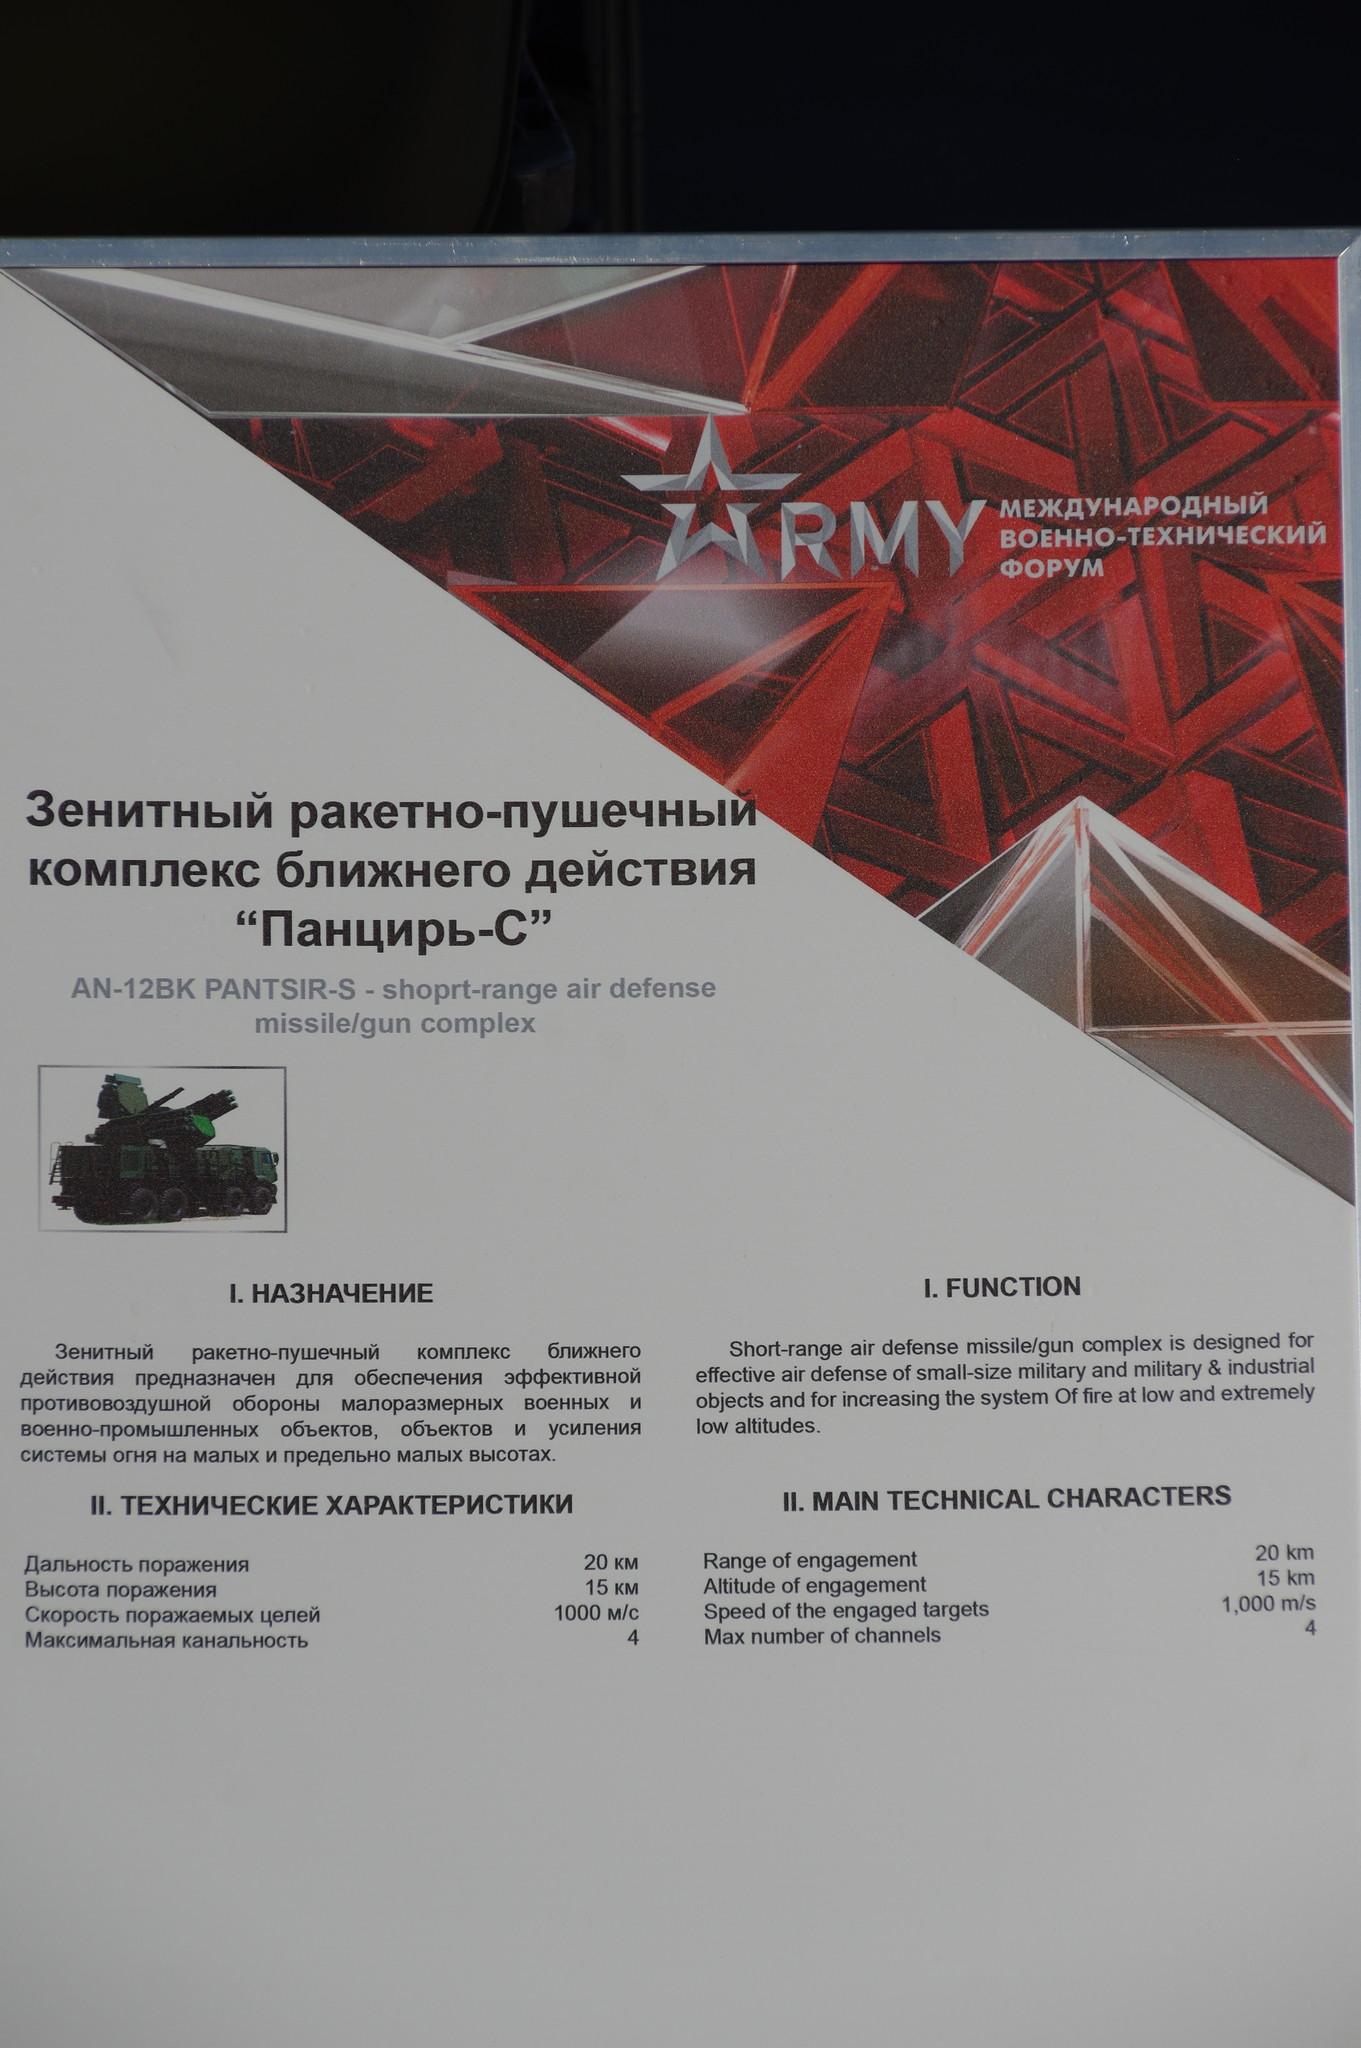 Зенитный ракетно-пушечный комплекс ближнего действия «Панцирь-С»